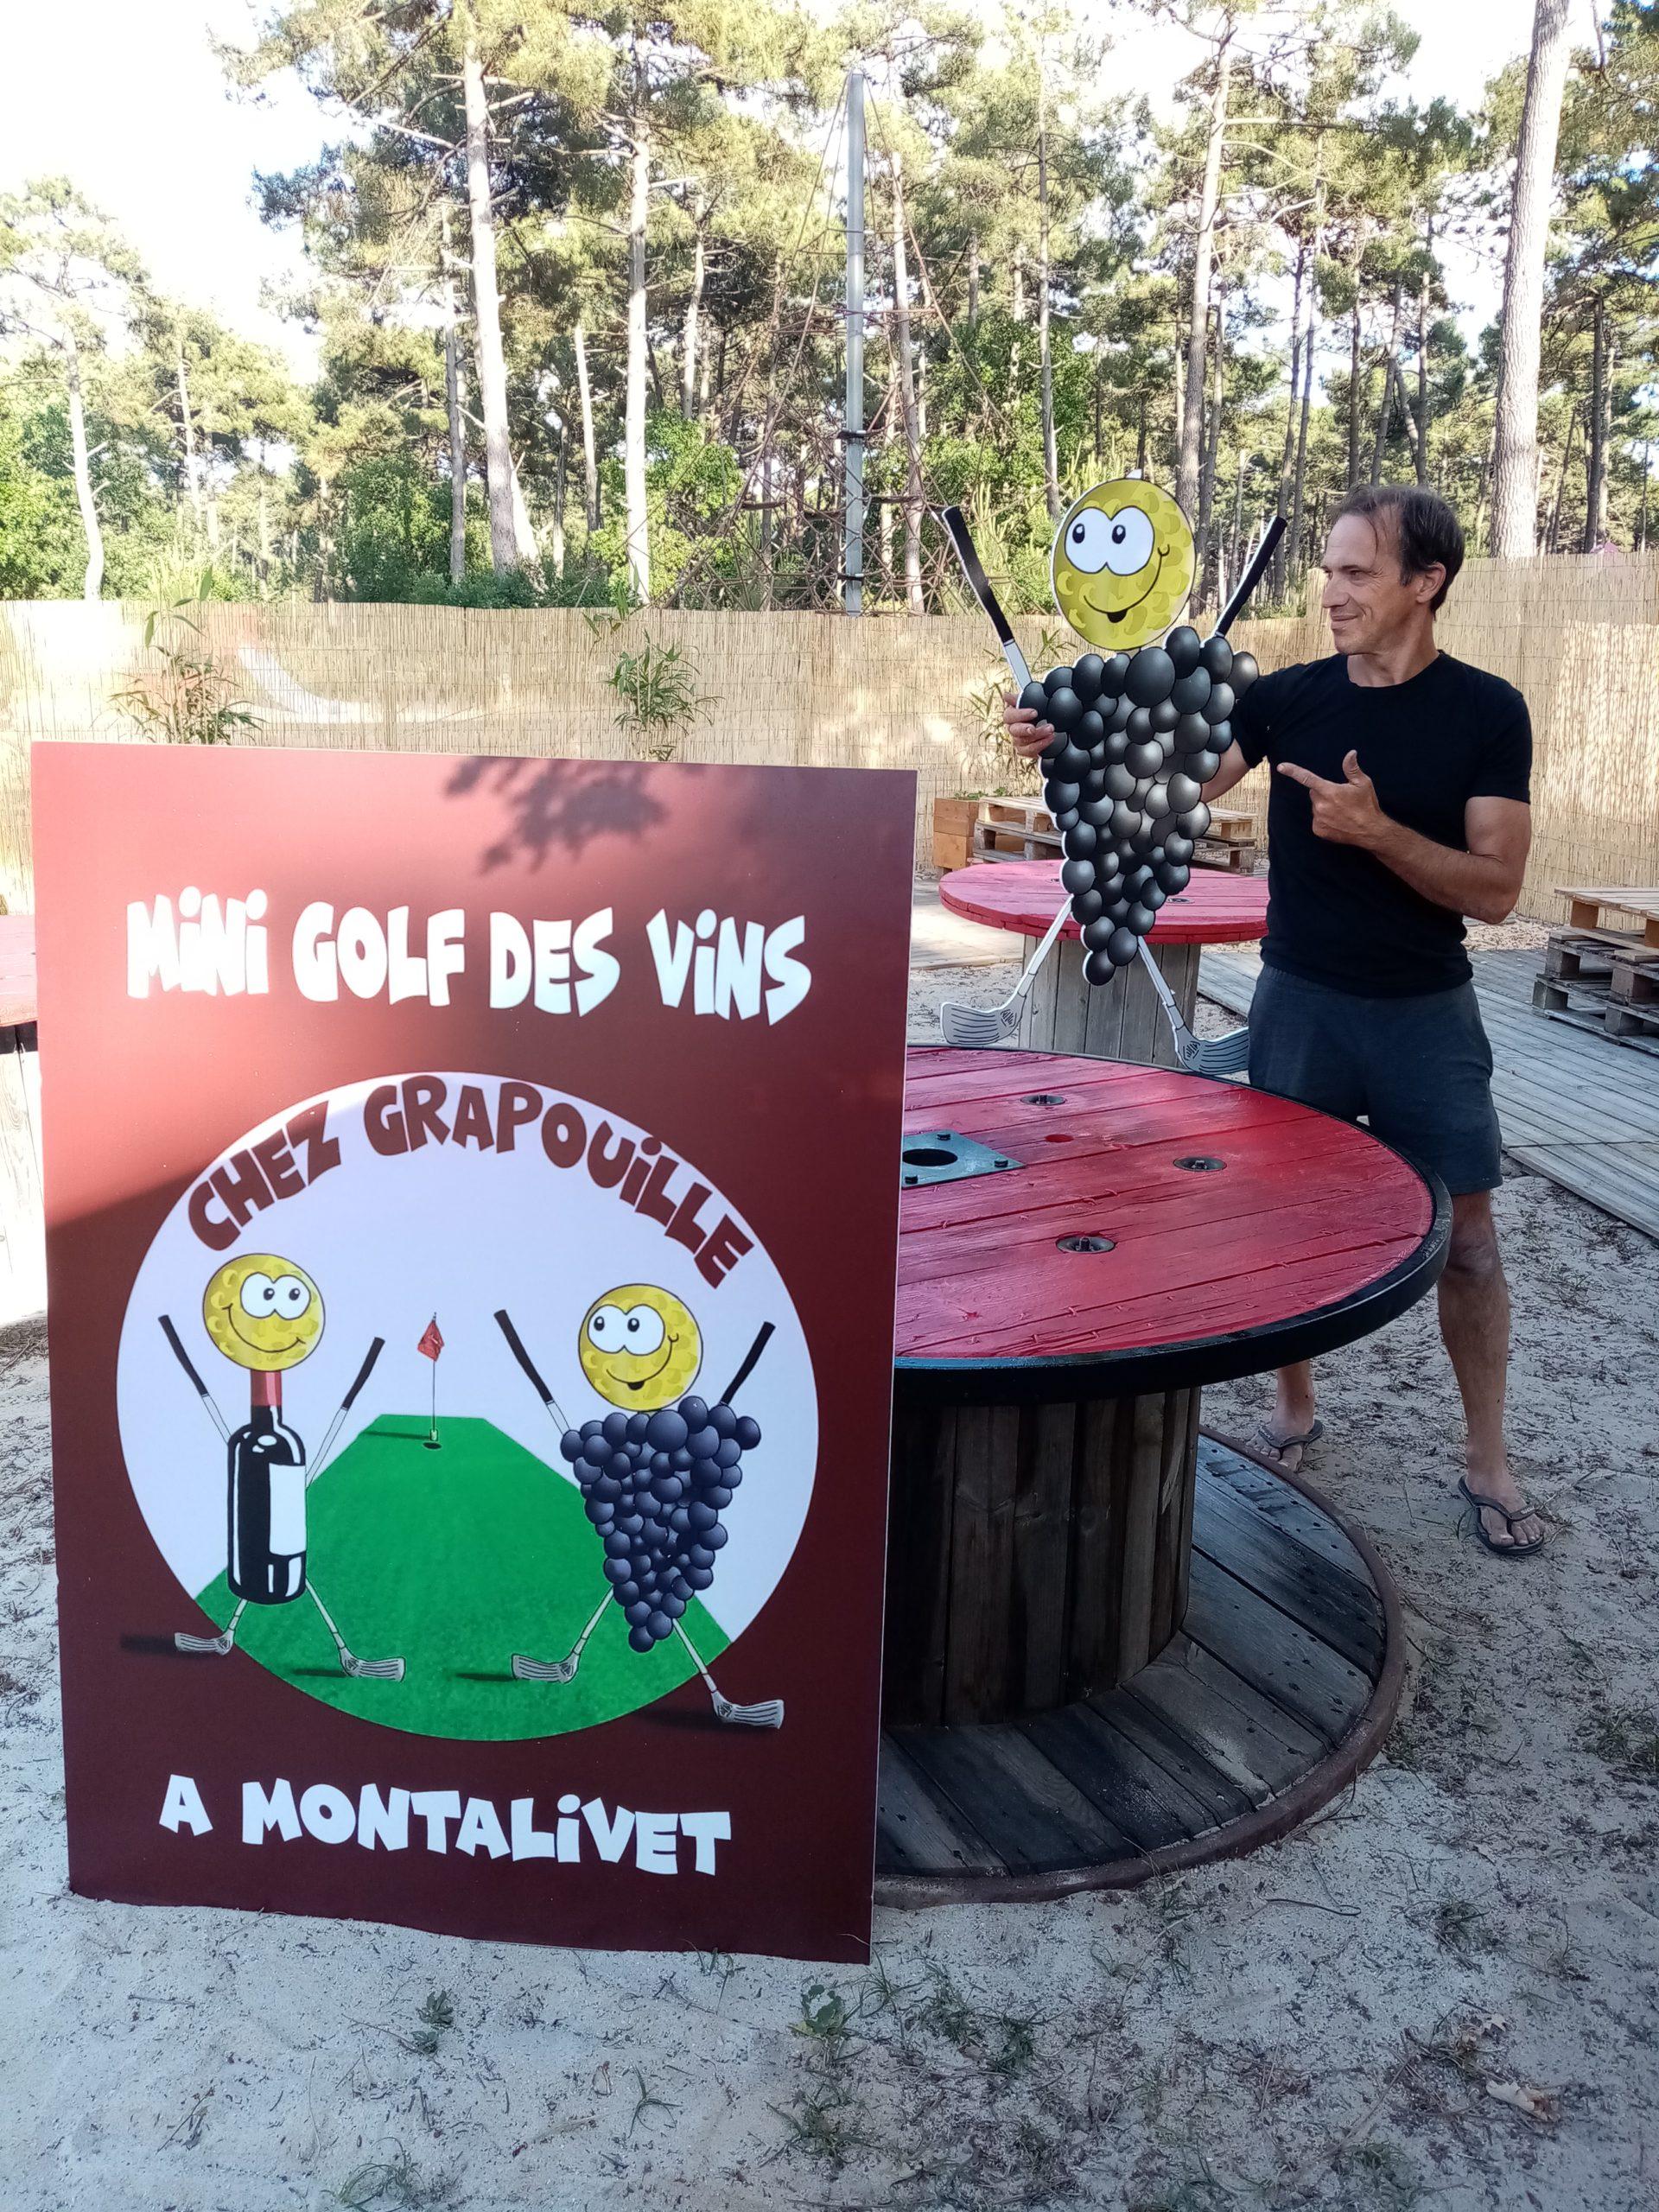 Présentation Minigolf des vins de Patrice Laujac